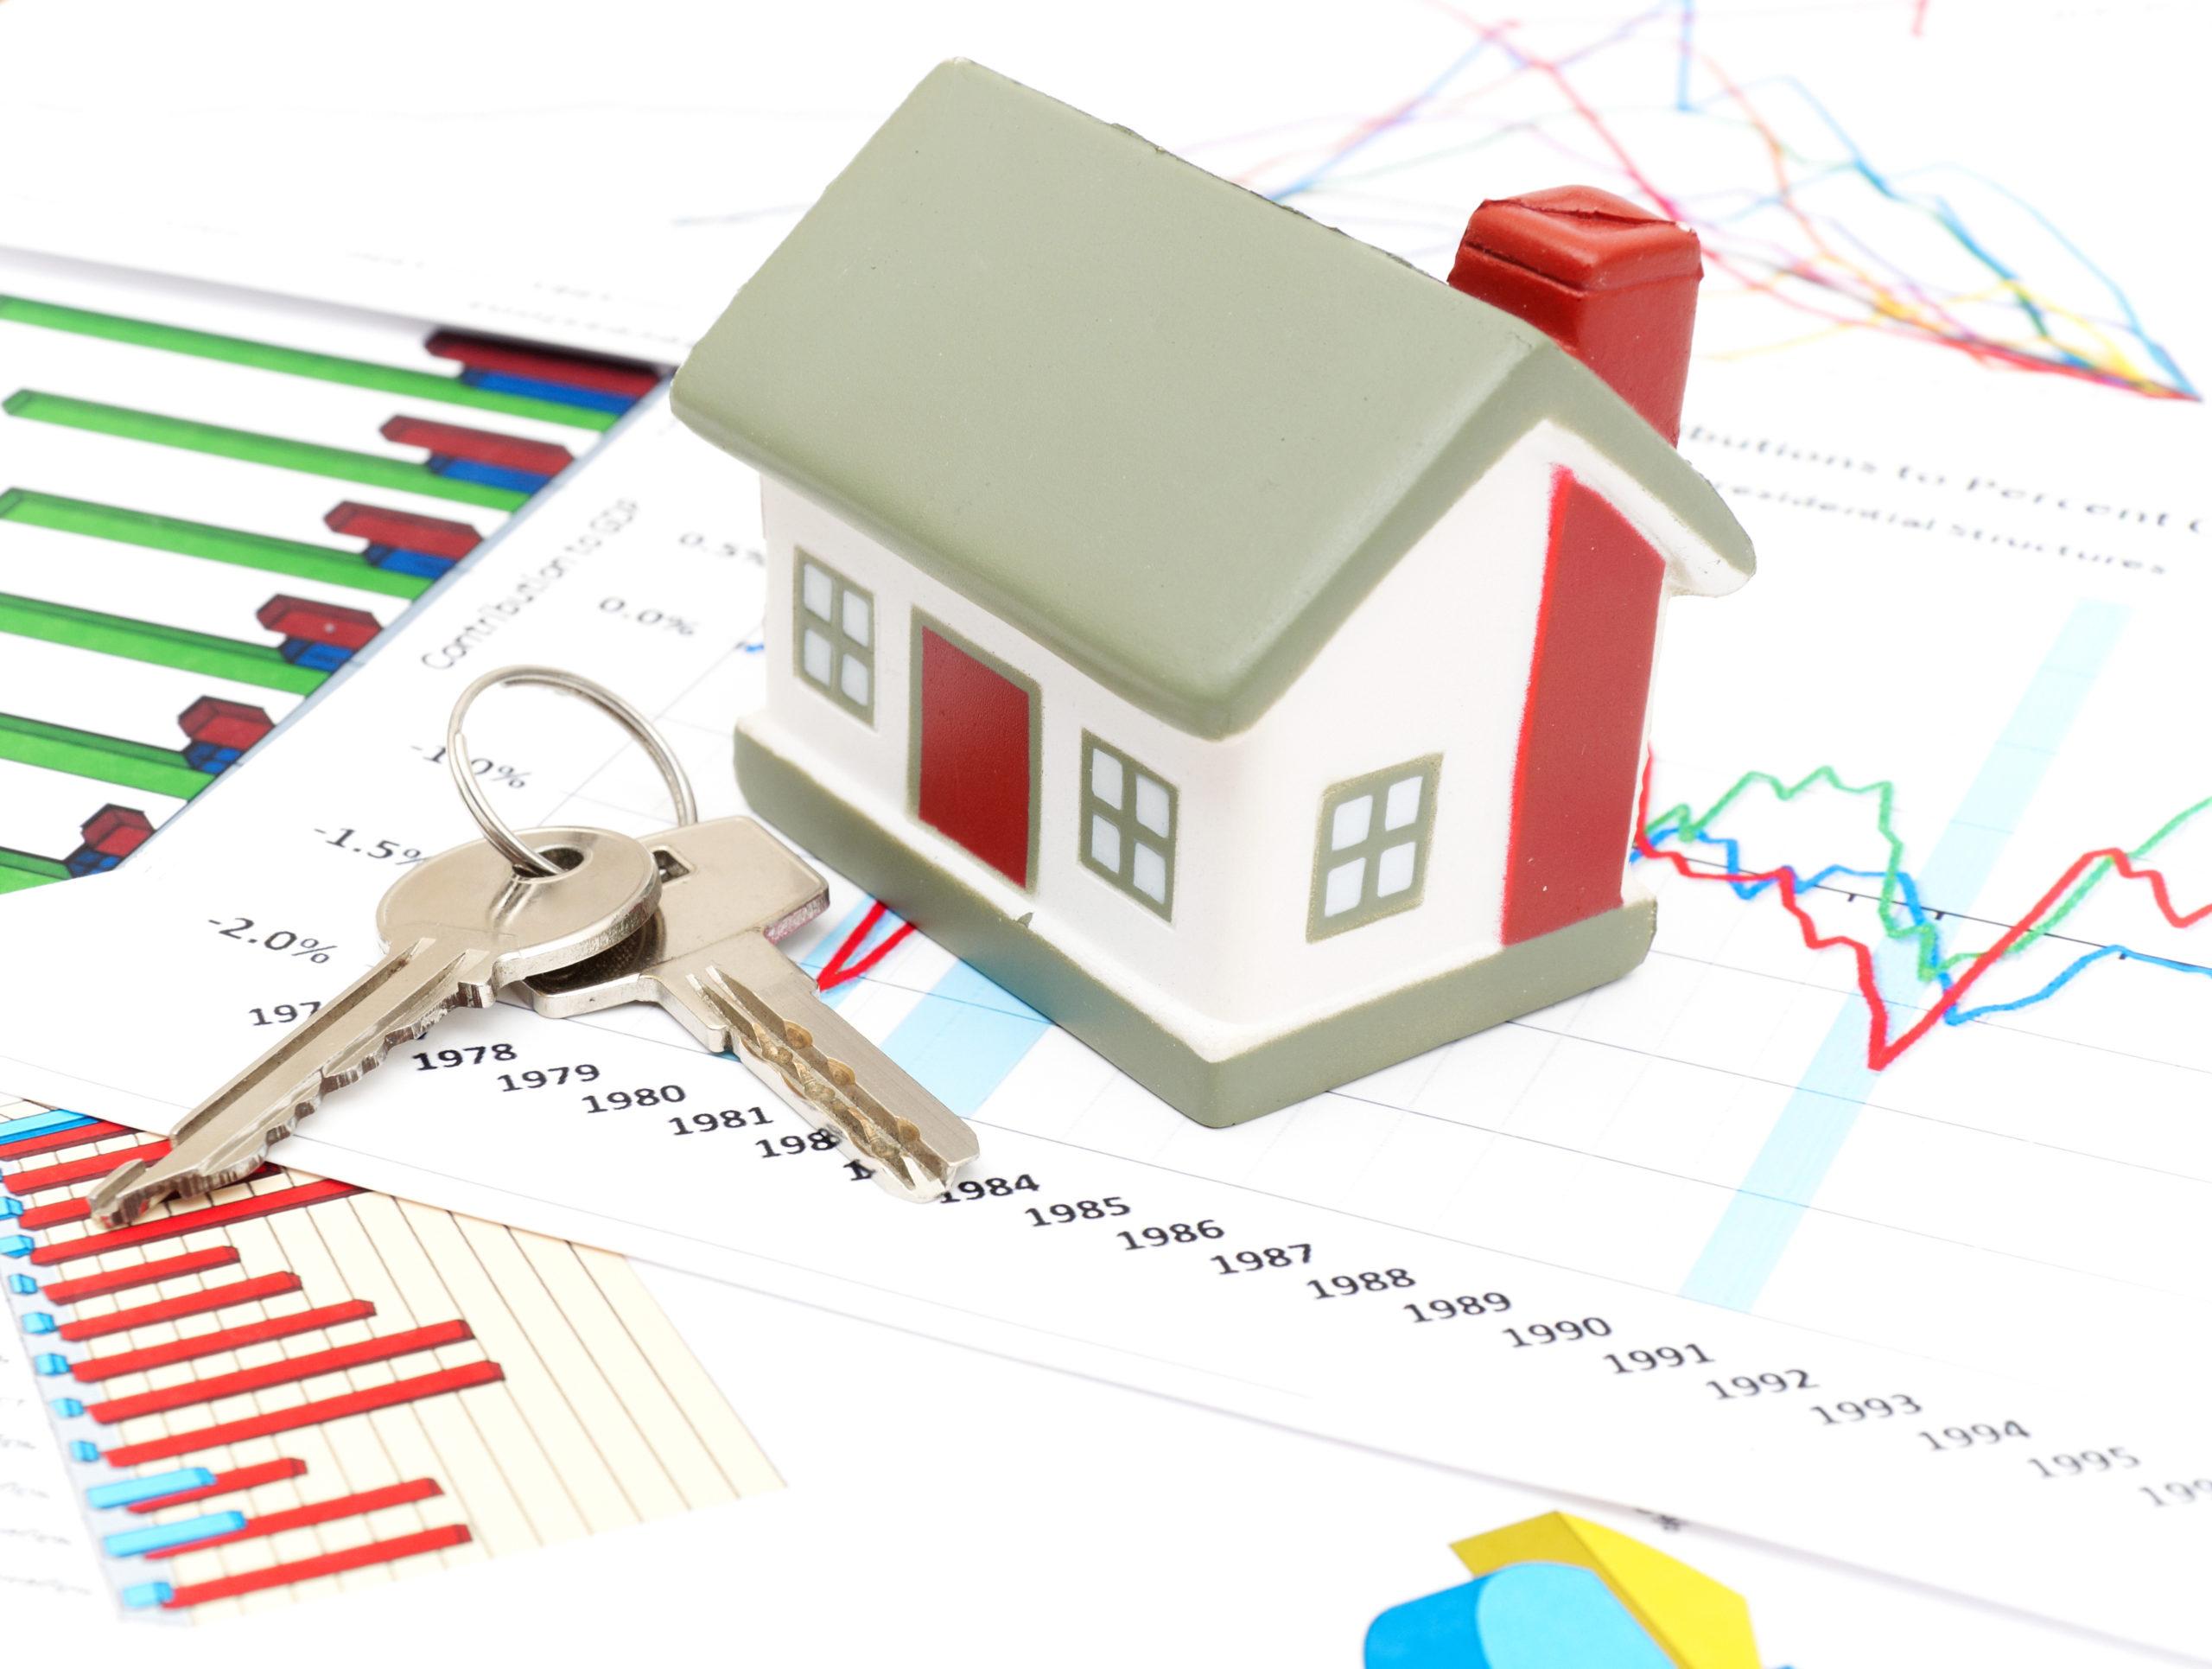 Redução dos juros da CEF aquece o mercado imobiliário